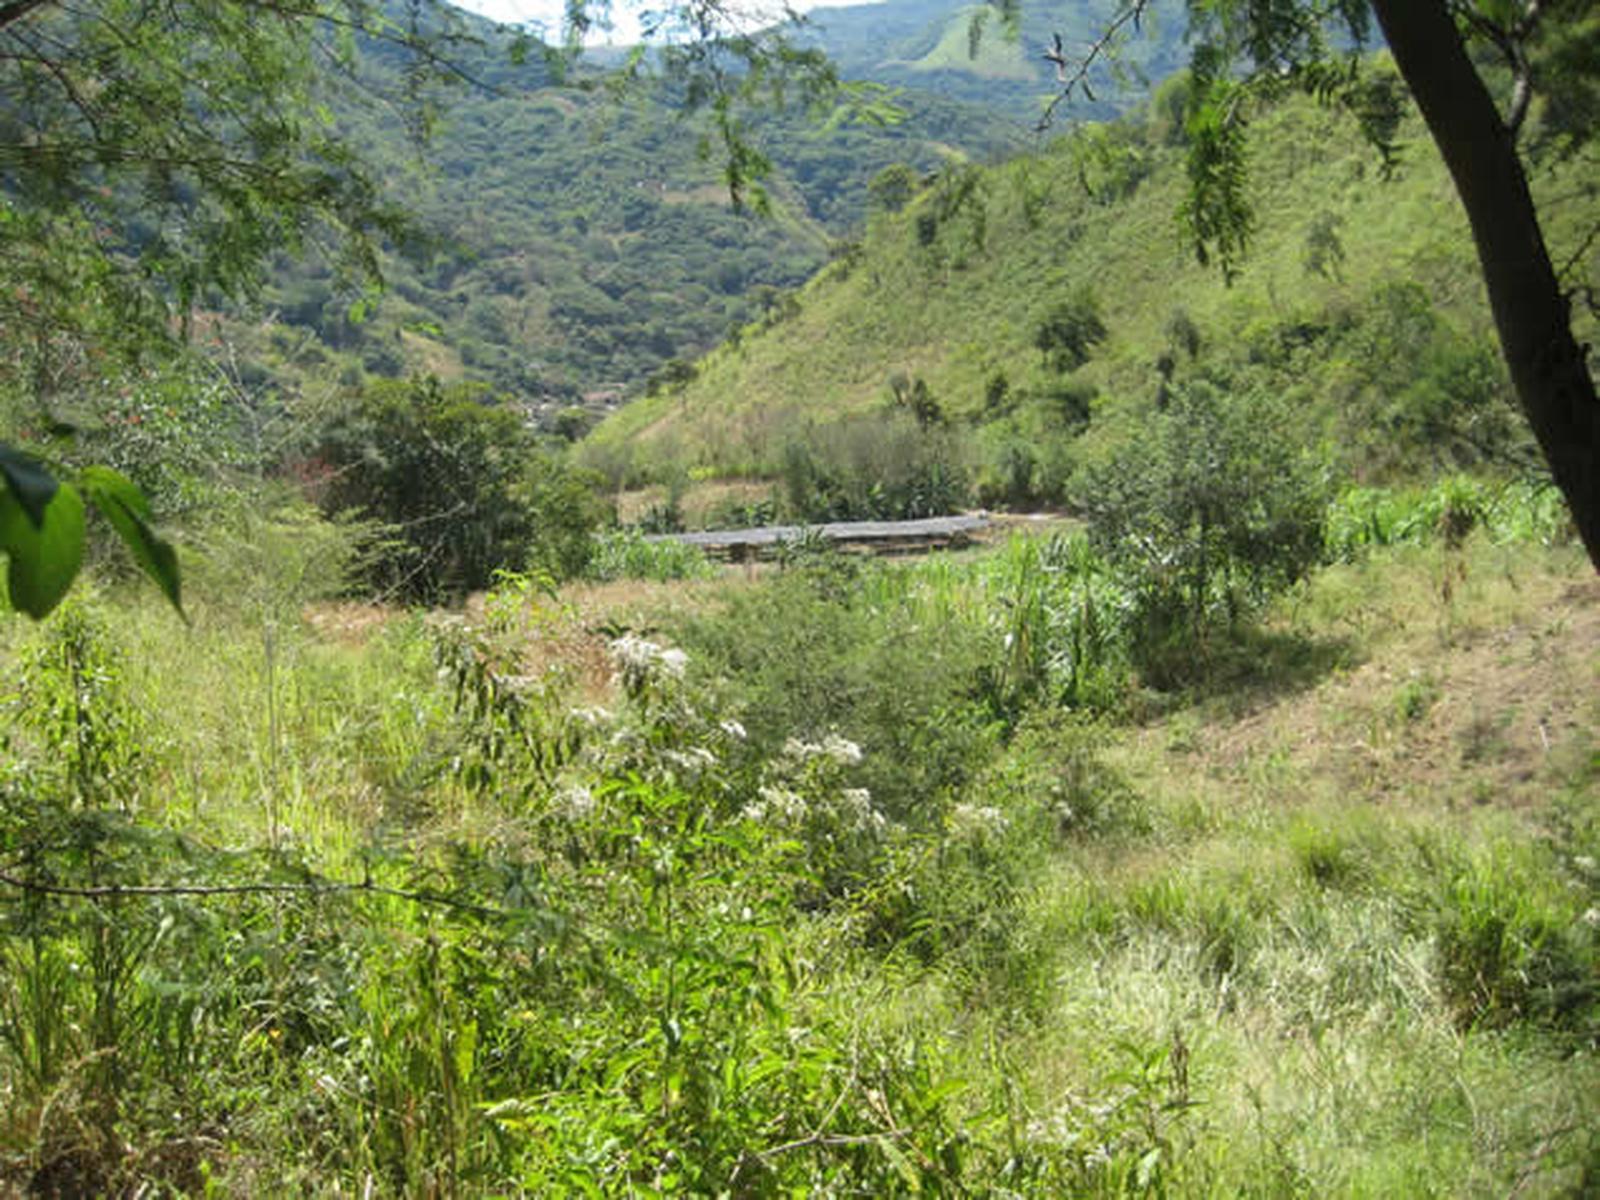 Campo de cultivo agroecológico de la zona